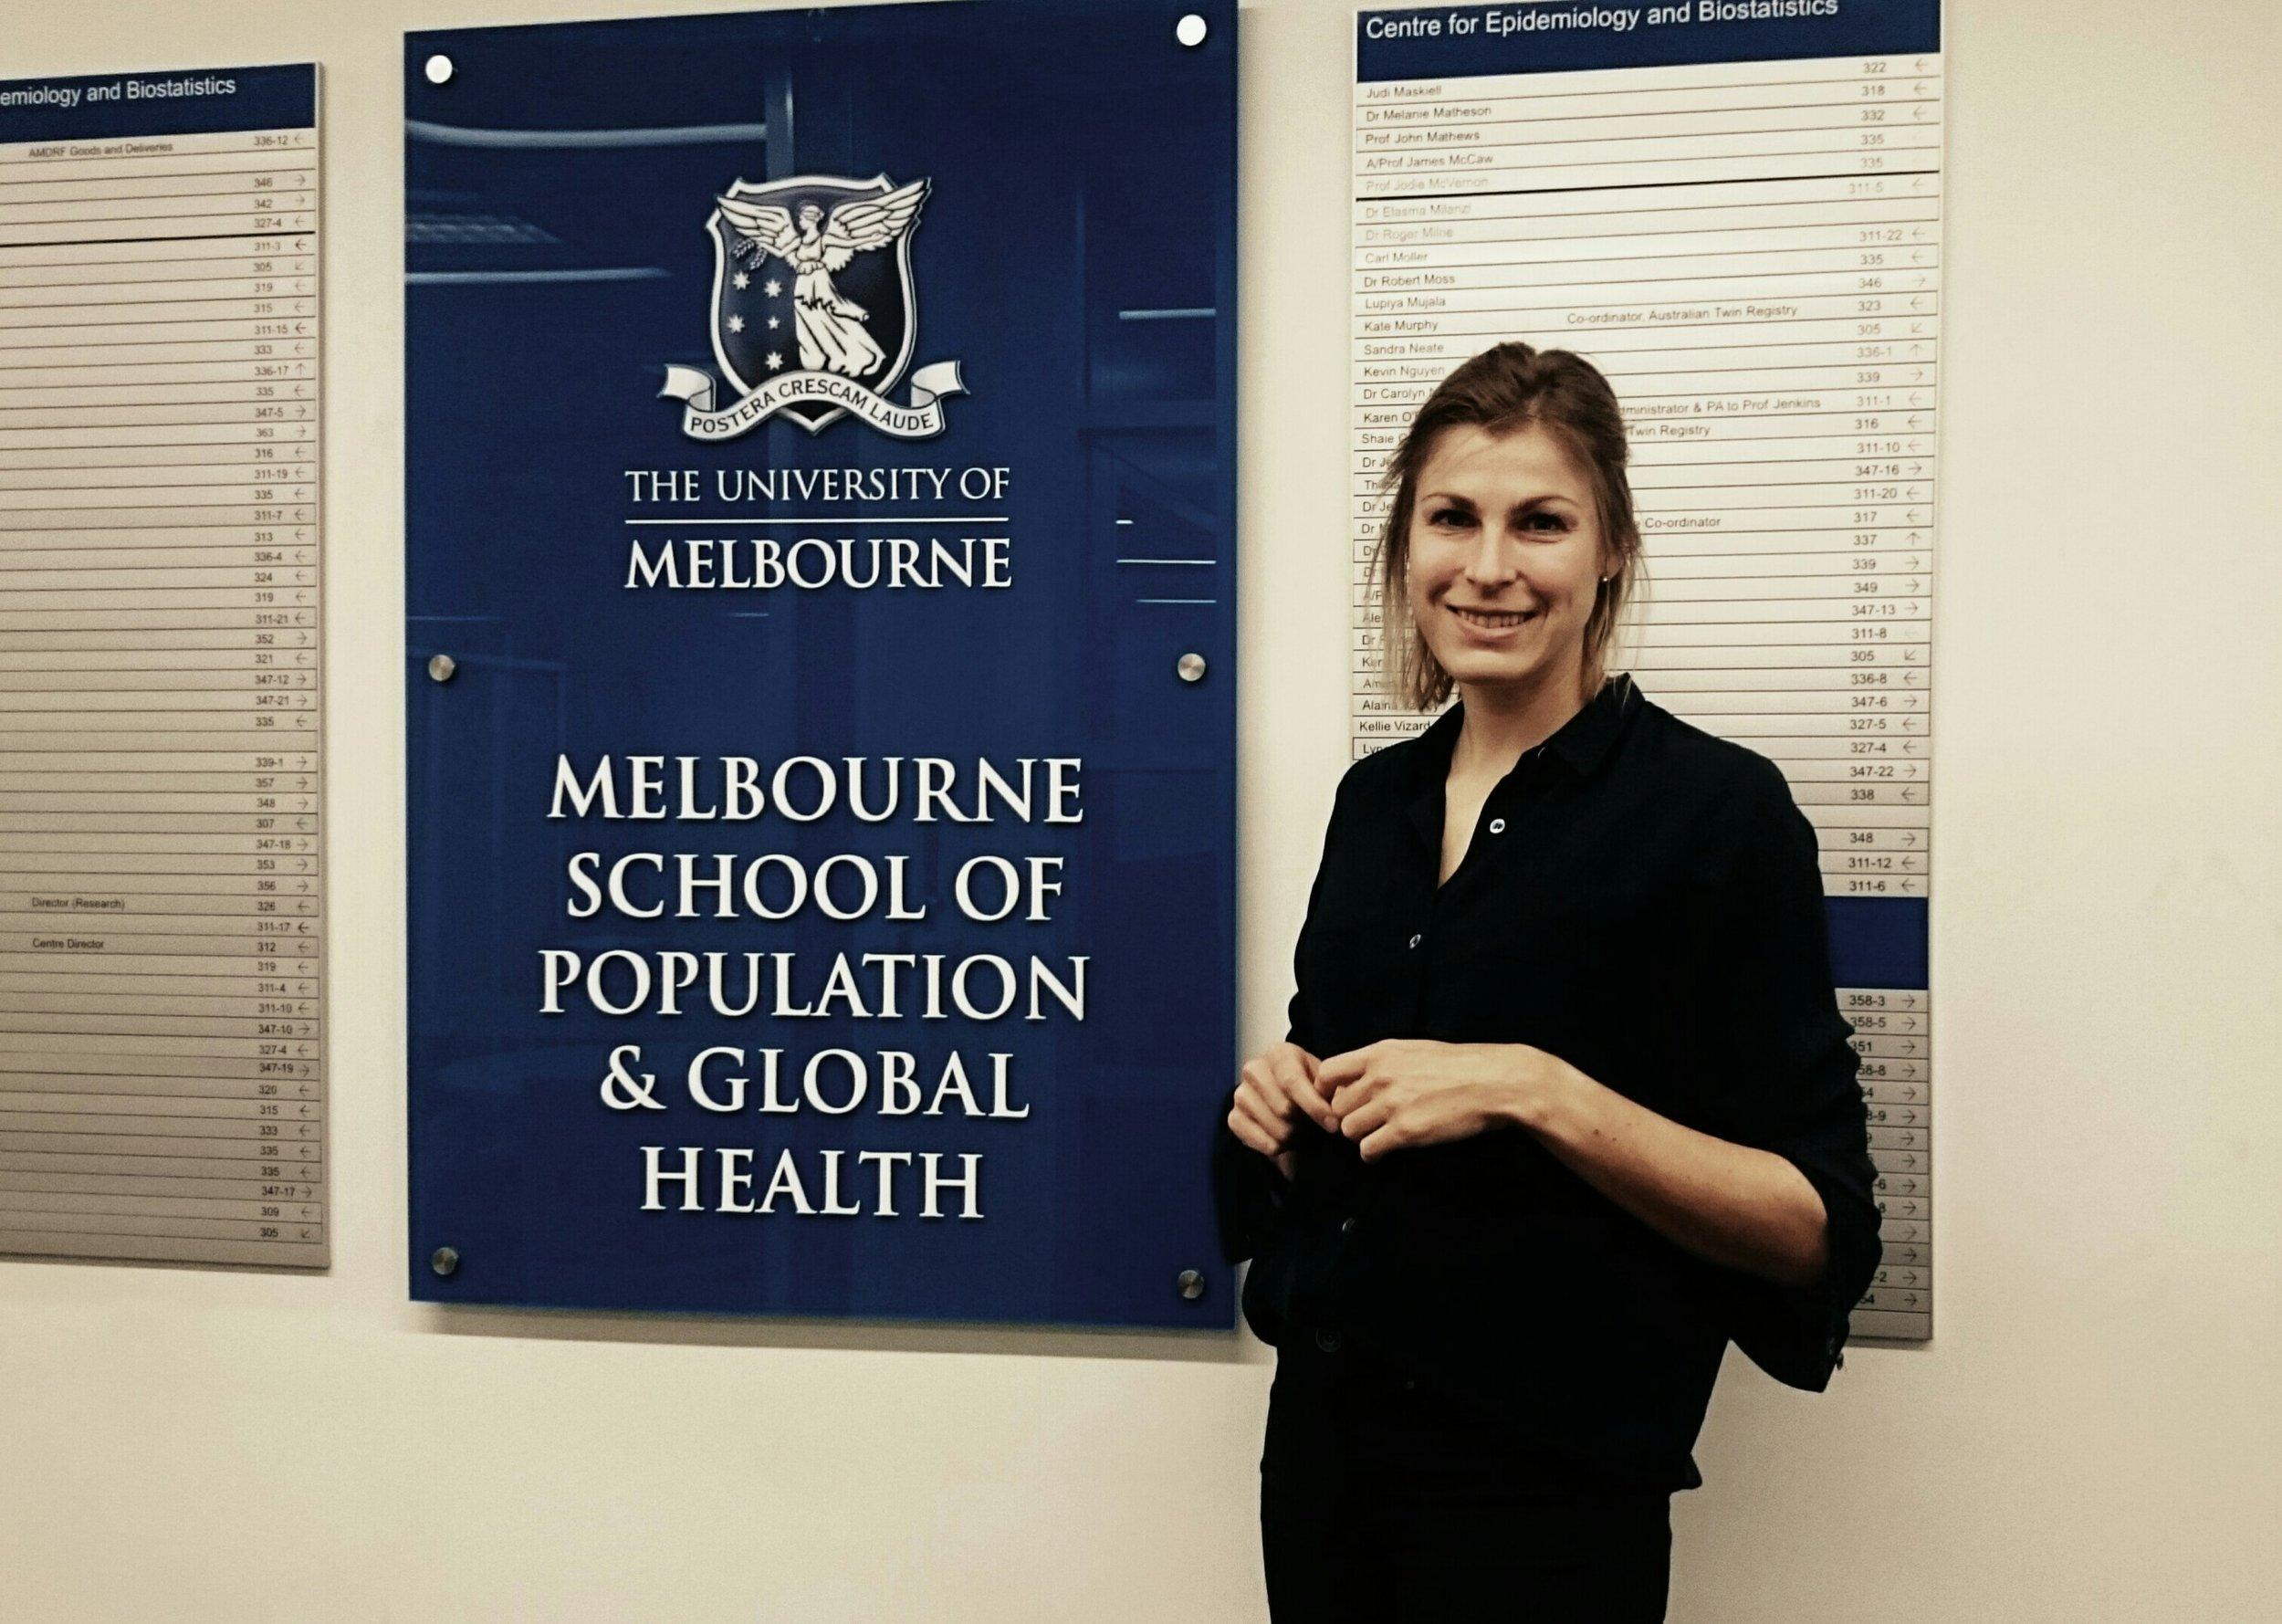 Forsker og fysioterapeut, Karin Magnusson, er på forskningsopphold i Australia, hvor hun fordyper seg i forskningsmetoder som anvendes i tvillingstudier.